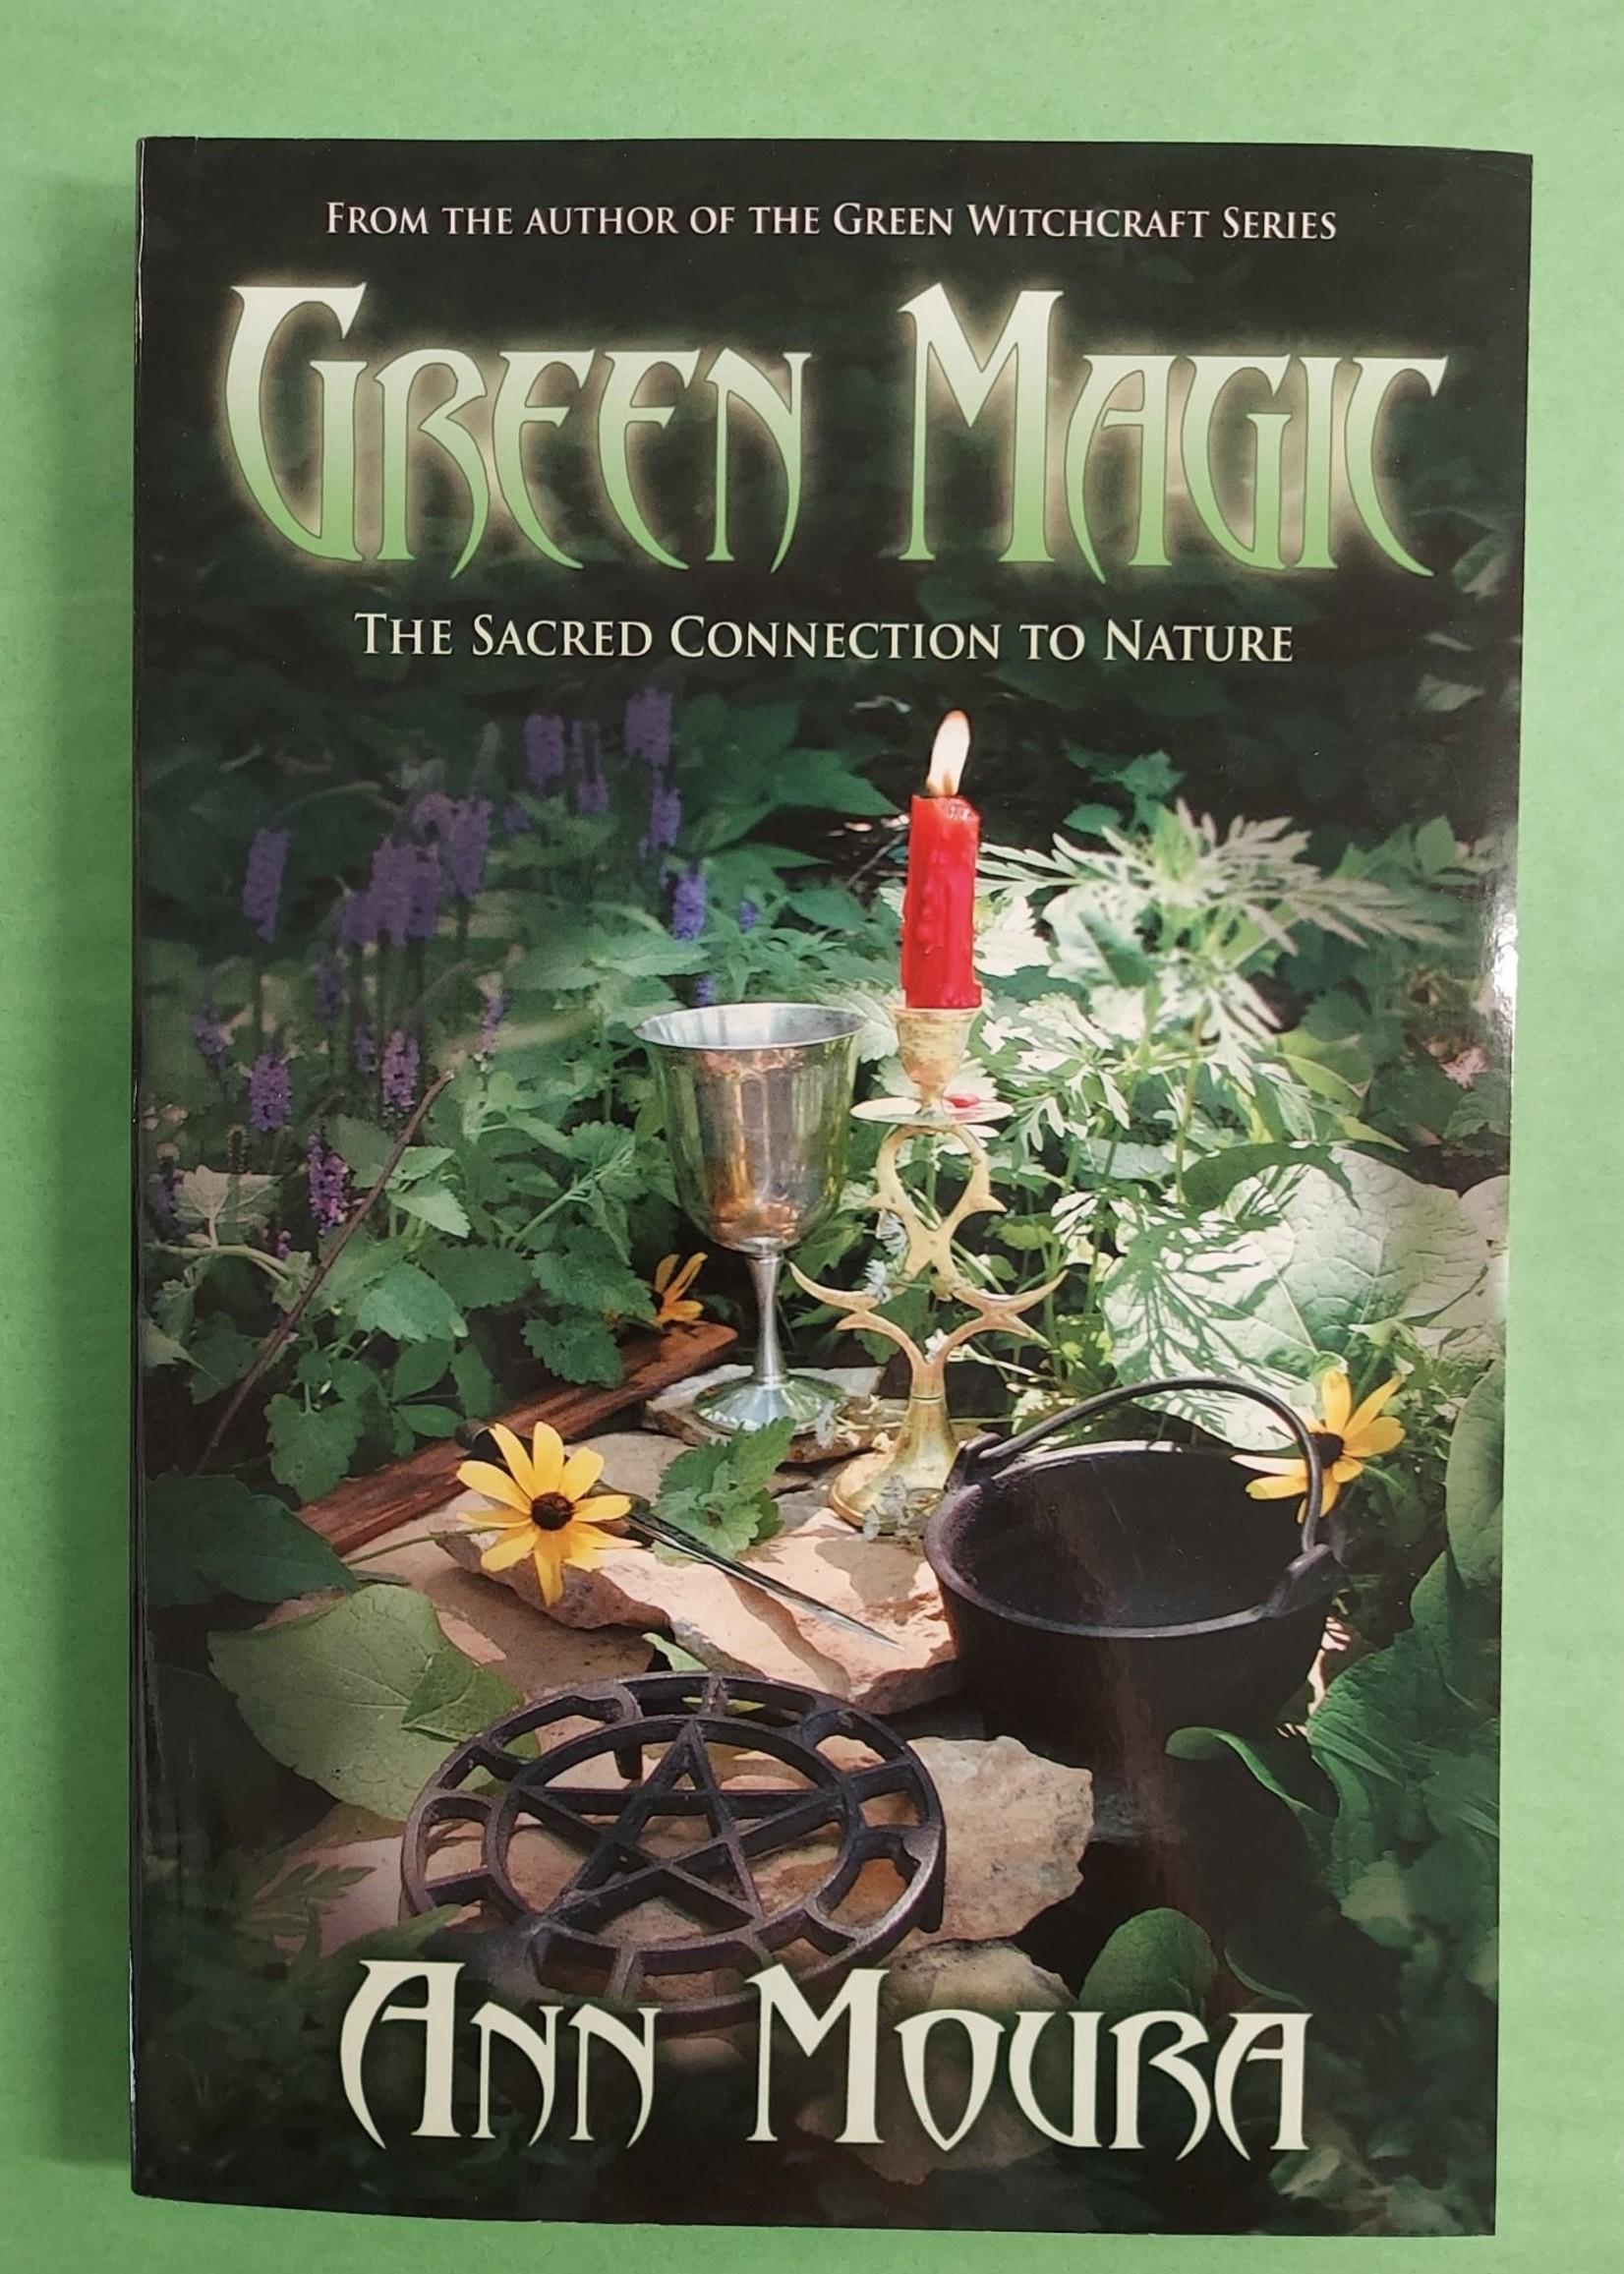 Green Magic-BY ANN MOURA